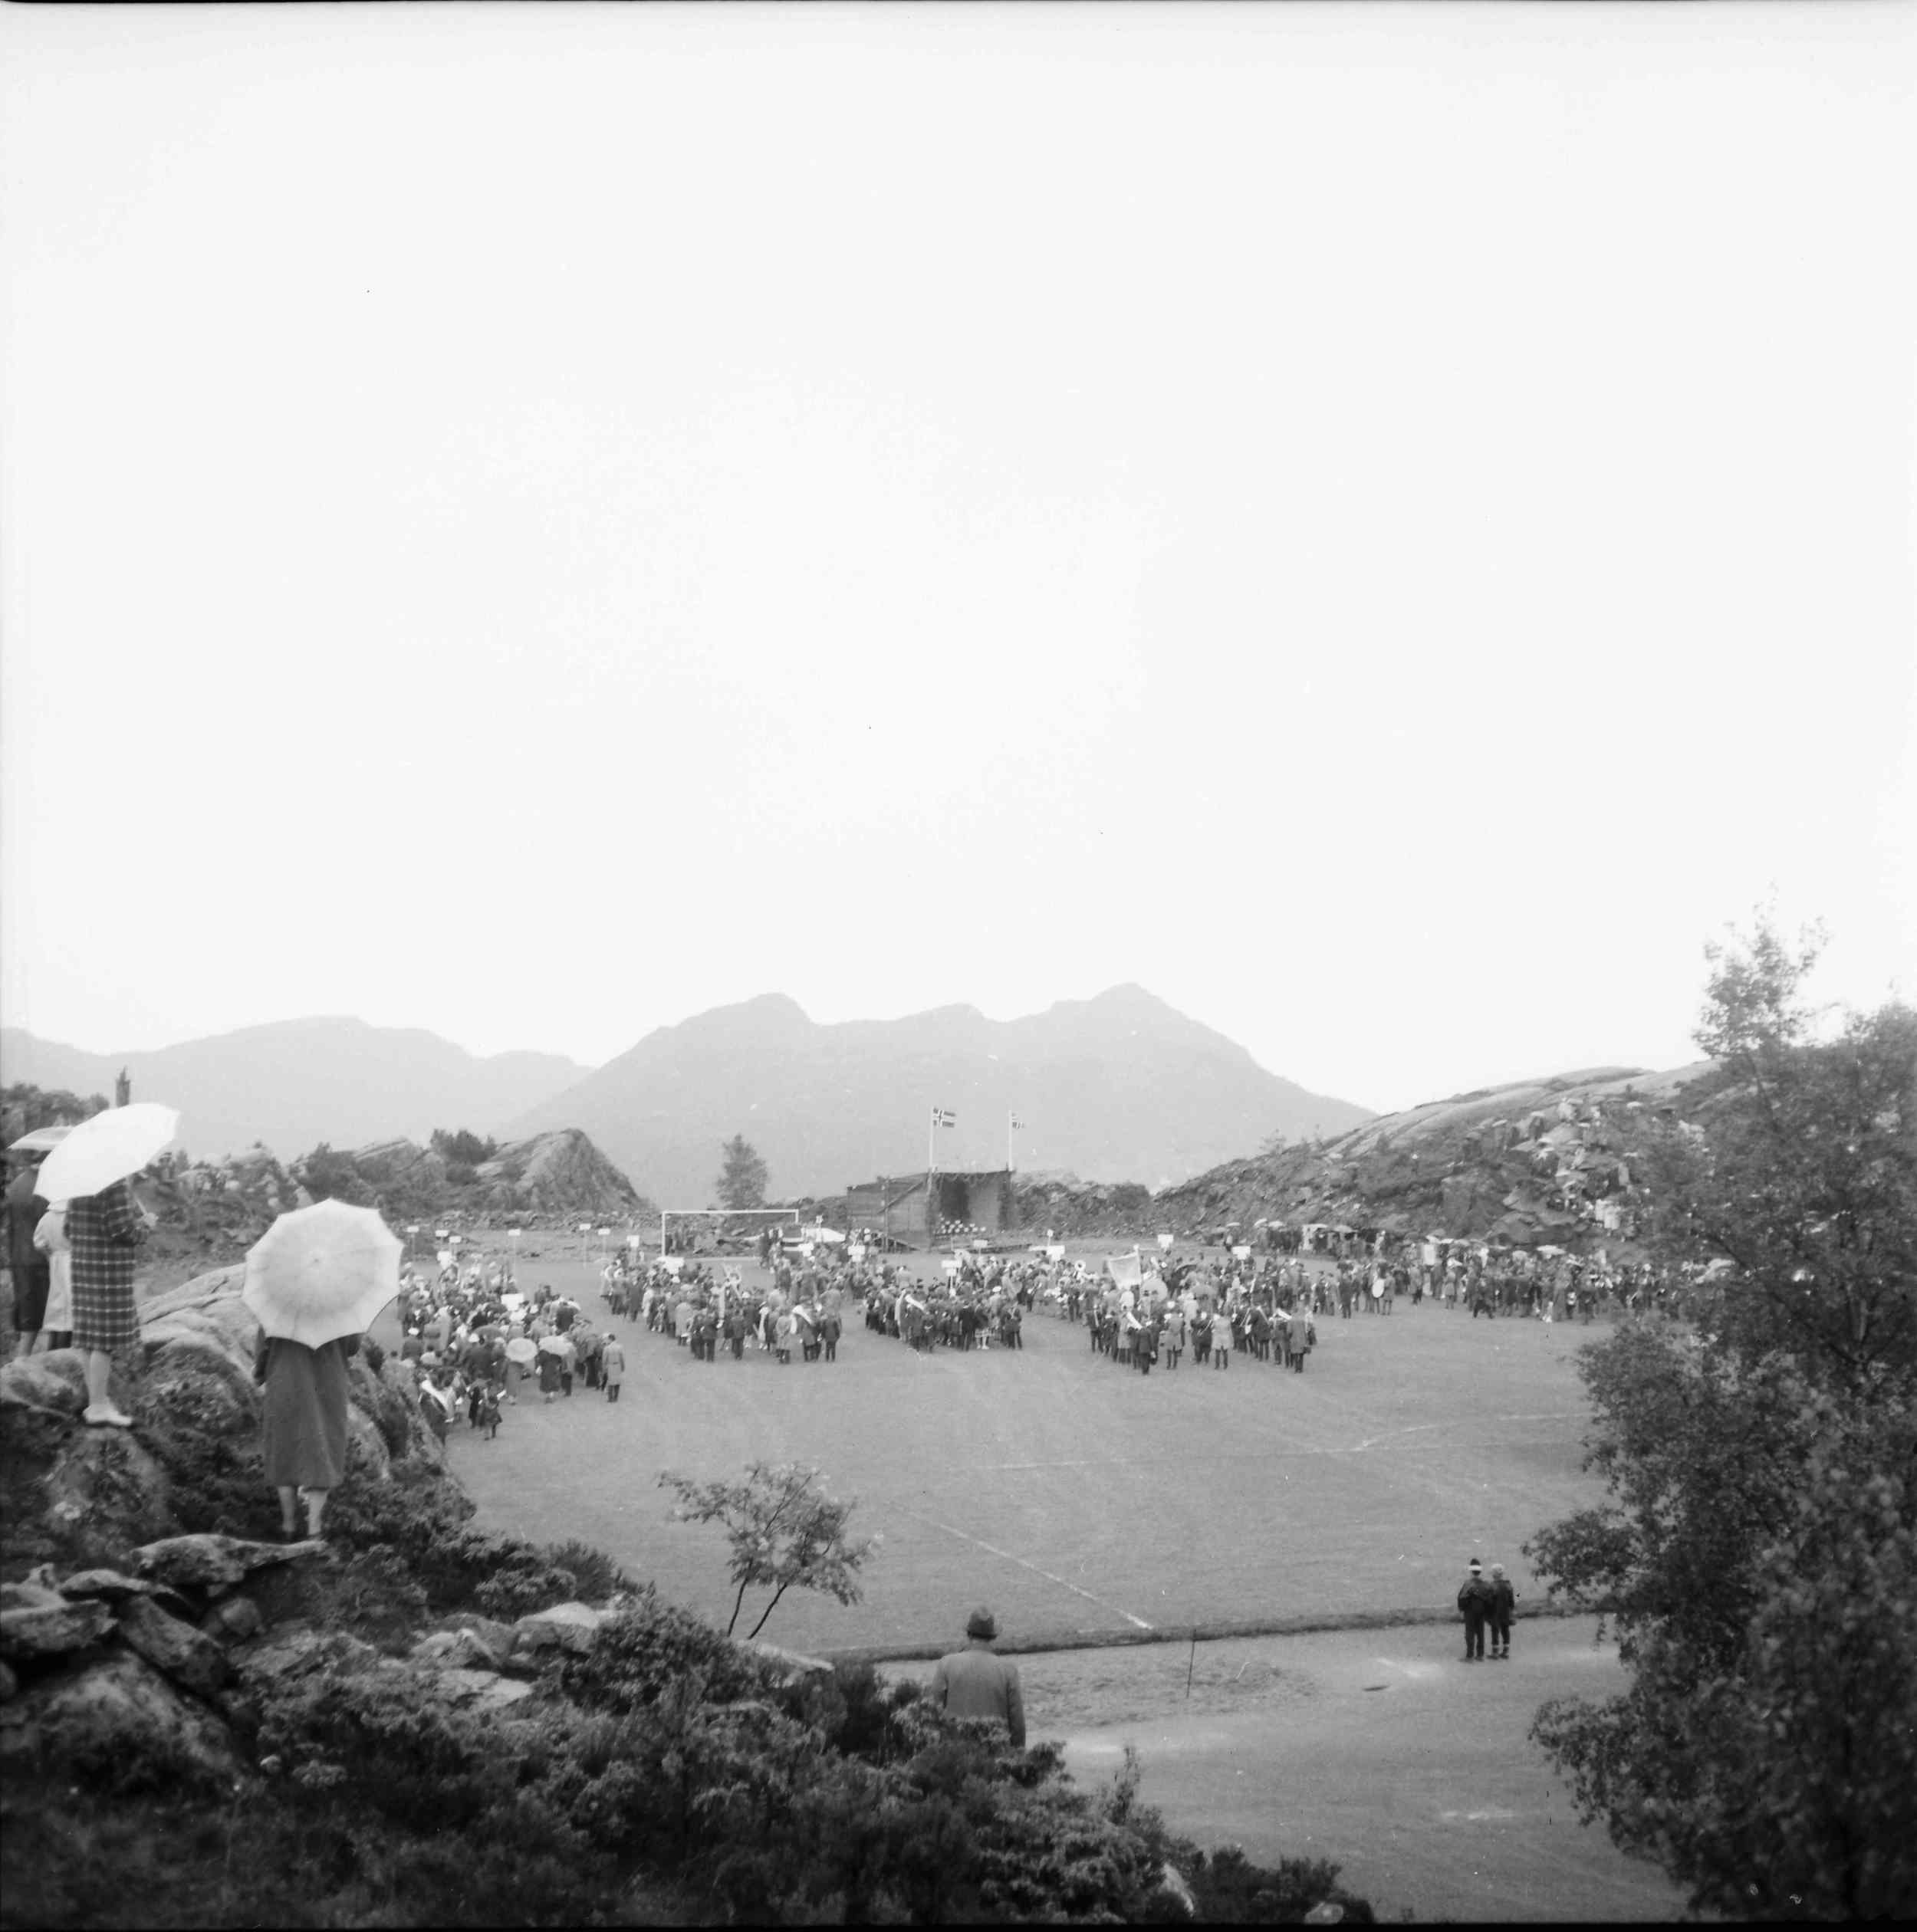 Korpsene er samlet på fotballbanen. Dessverre var ikke været særlig bra denne dagen (som man kan se av paraplybruken!).